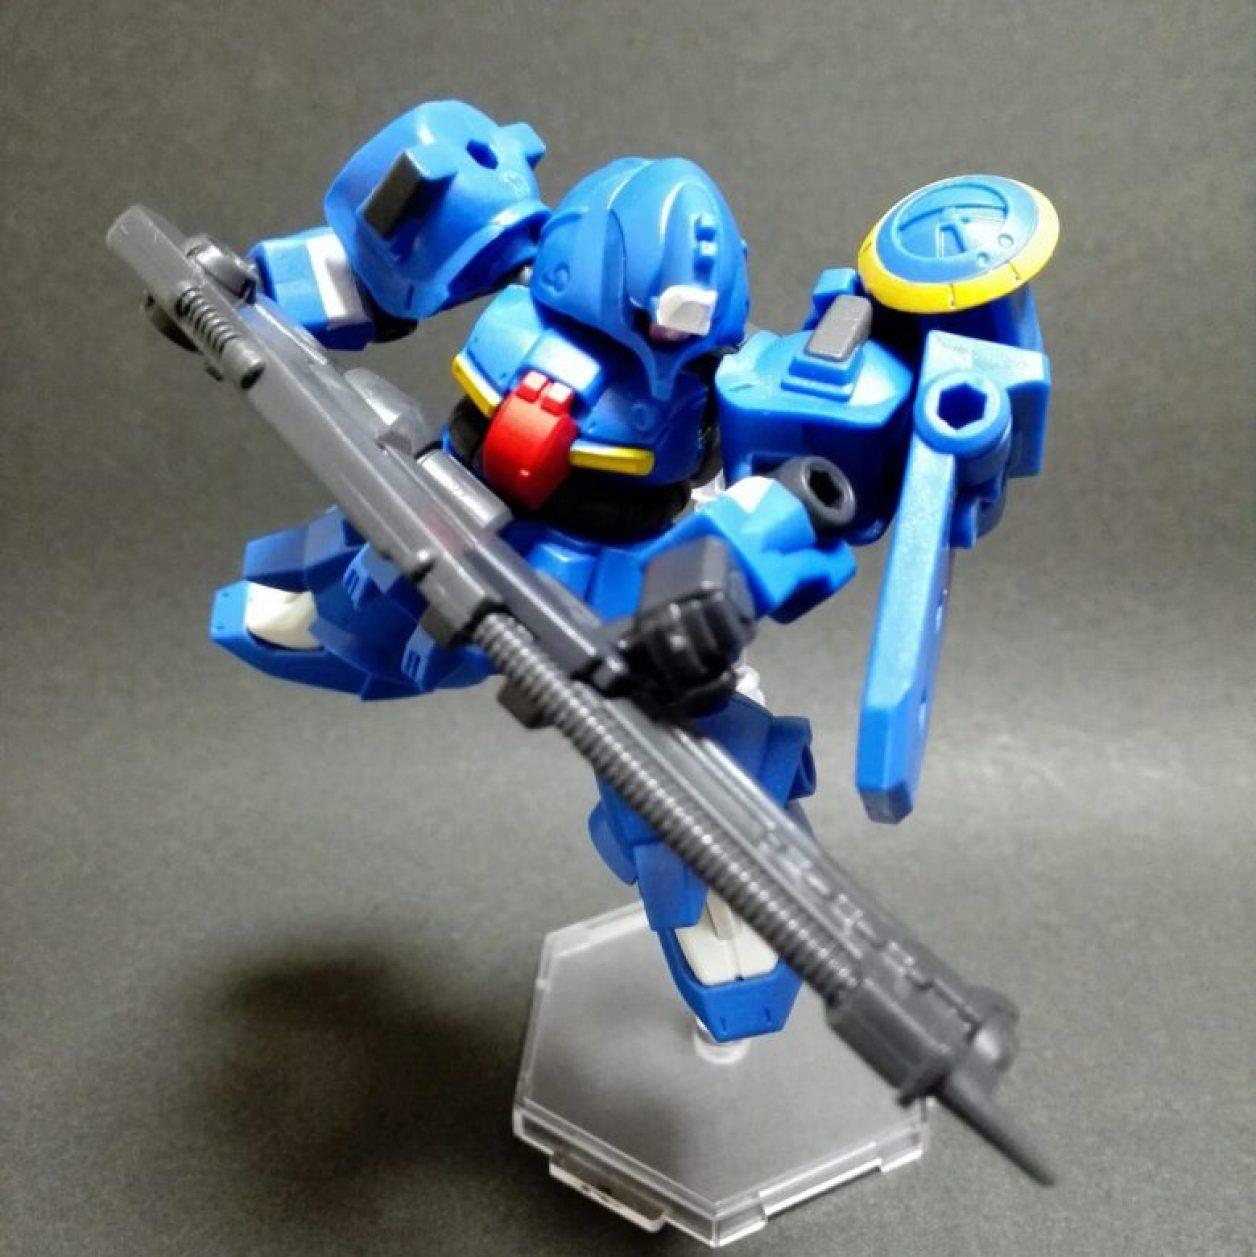 モビルスーツアンサンブル13弾のゼクアインの第2種兵装をコトブキヤさんのミニフライングベースでディスプレイしている画像